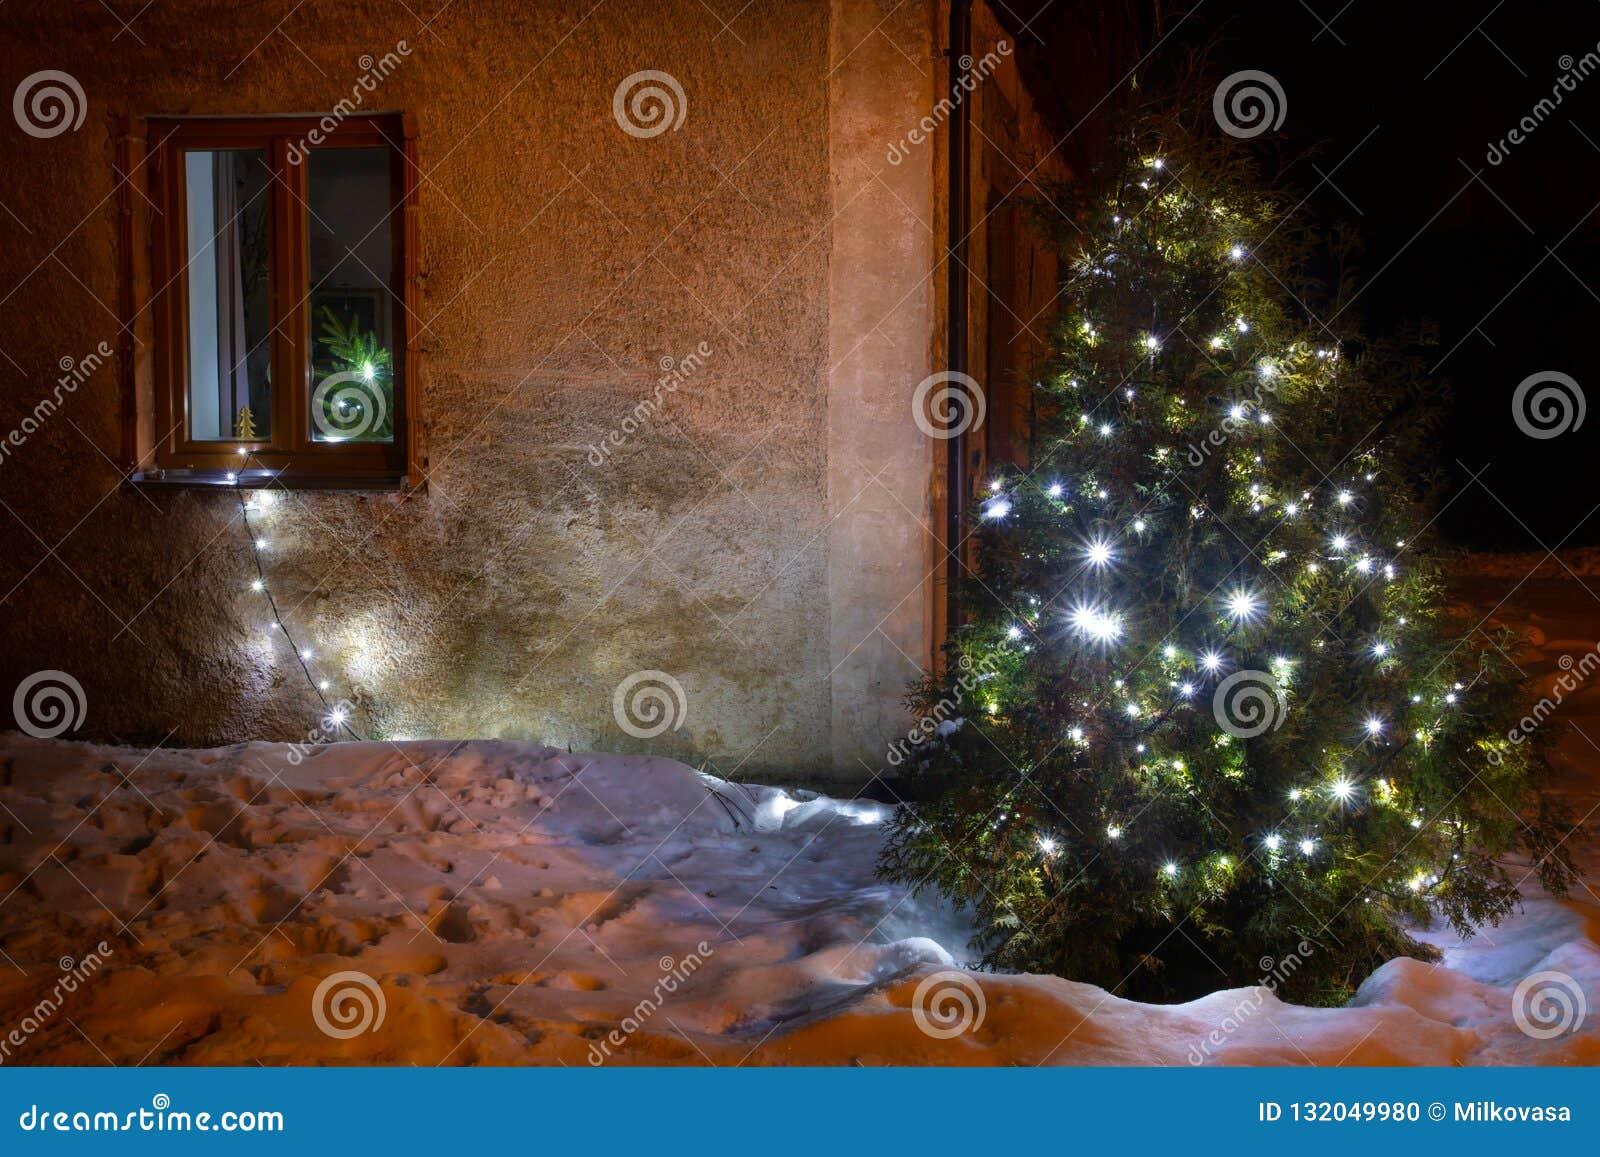 Deco De Noel Dans Le Jardin Éclairage lumineux d'arbre de noël dans le jardin d'hiver